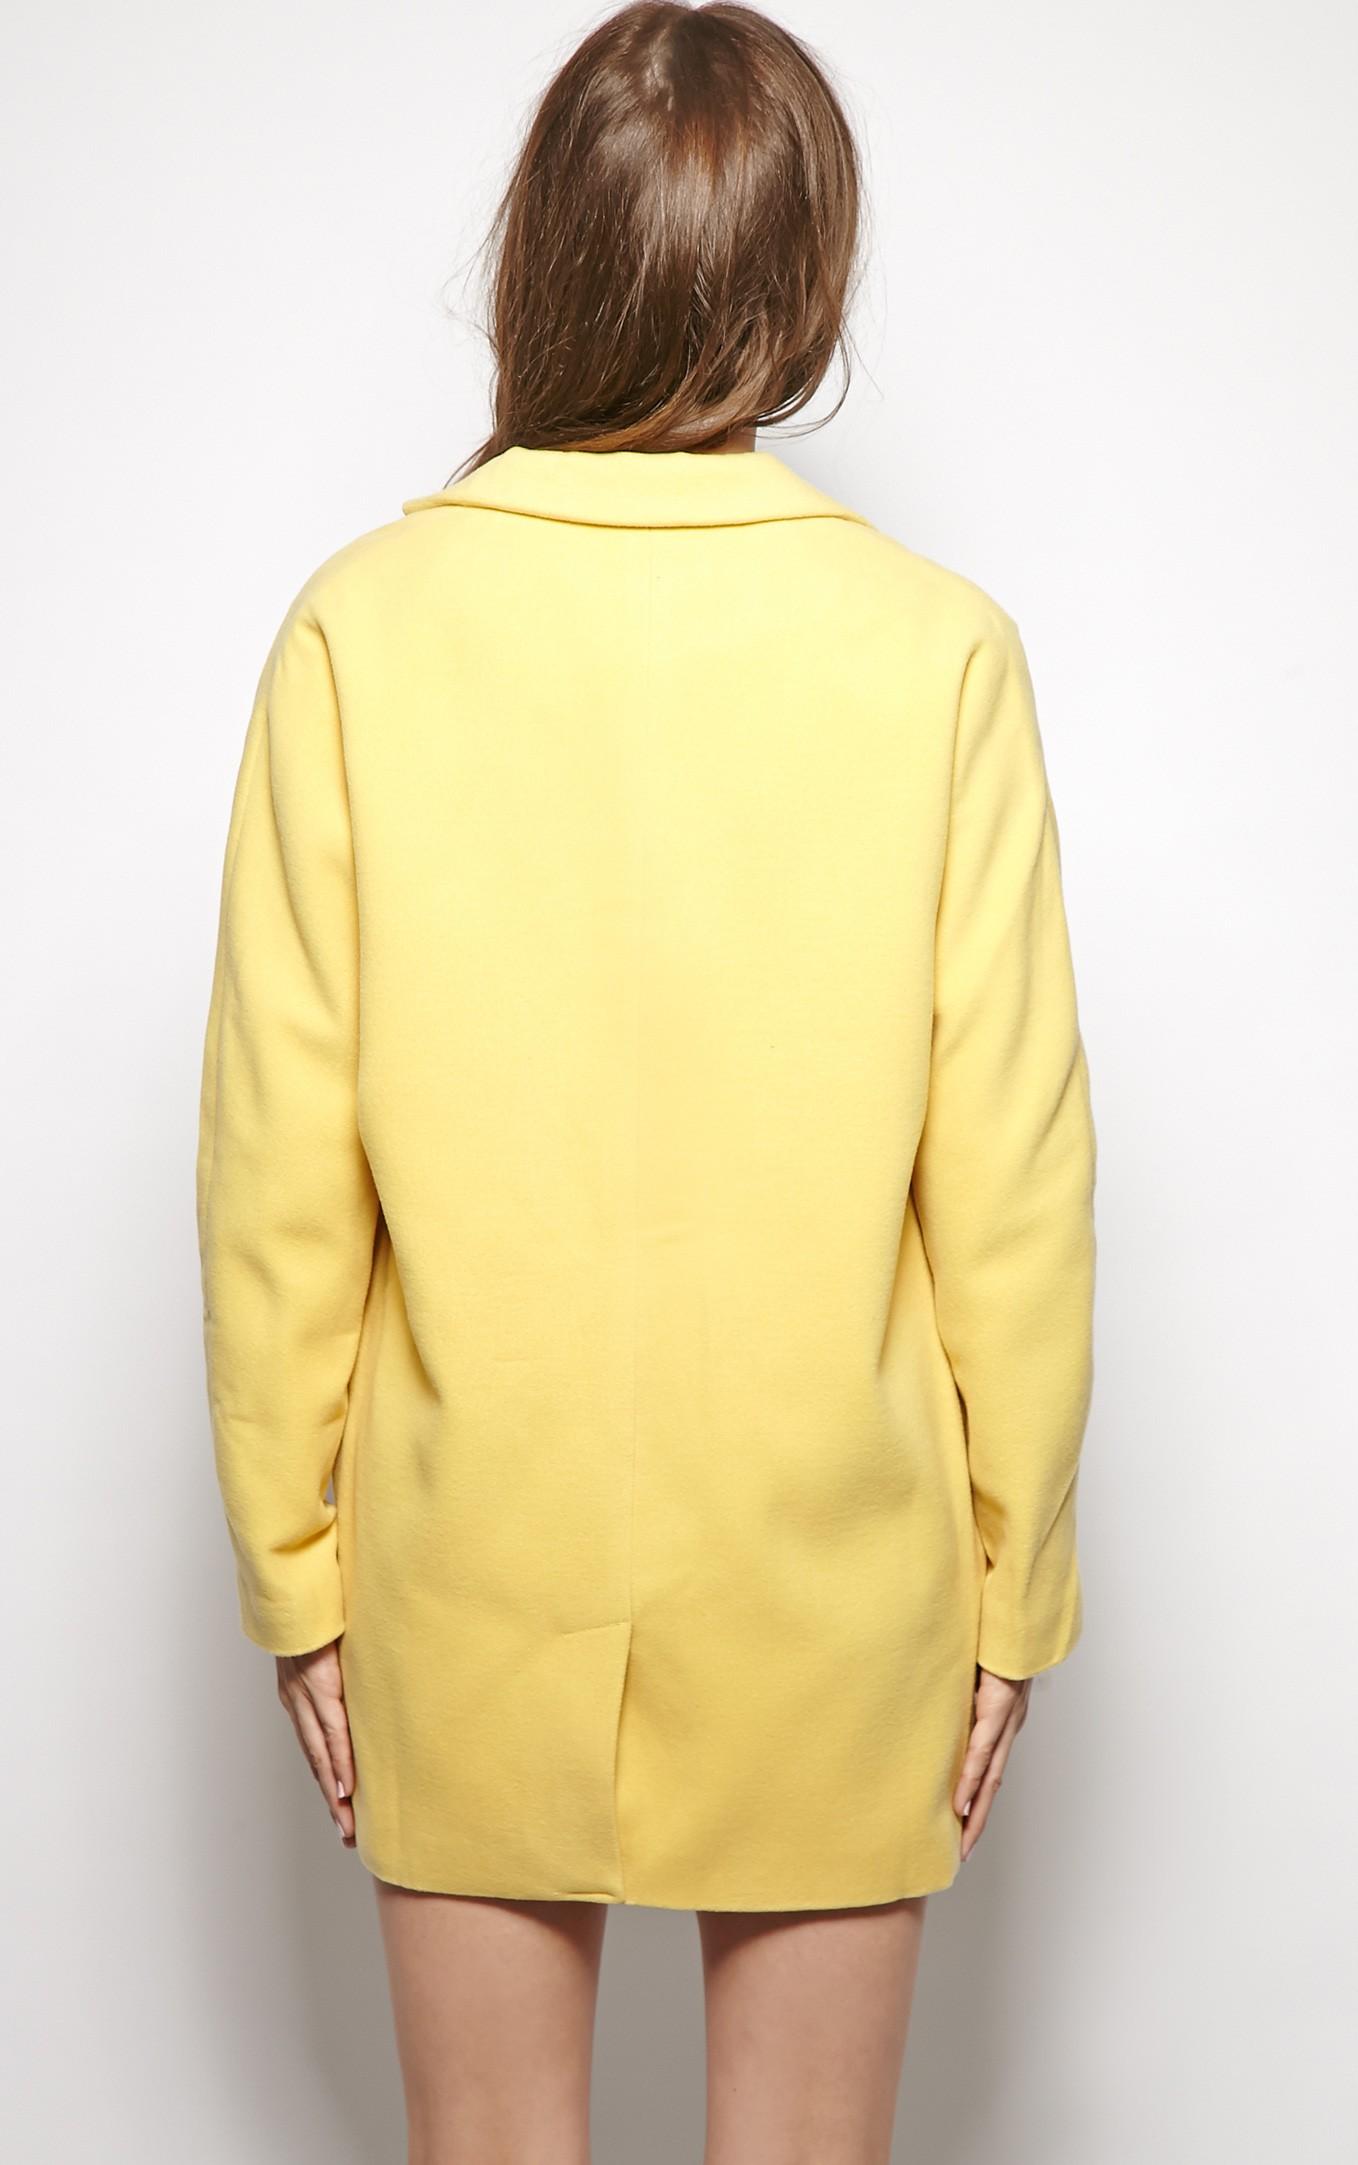 Hope Yellow Boyfriend Coat - Coats - PrettyLittleThing.com | PrettyLittleThing.com